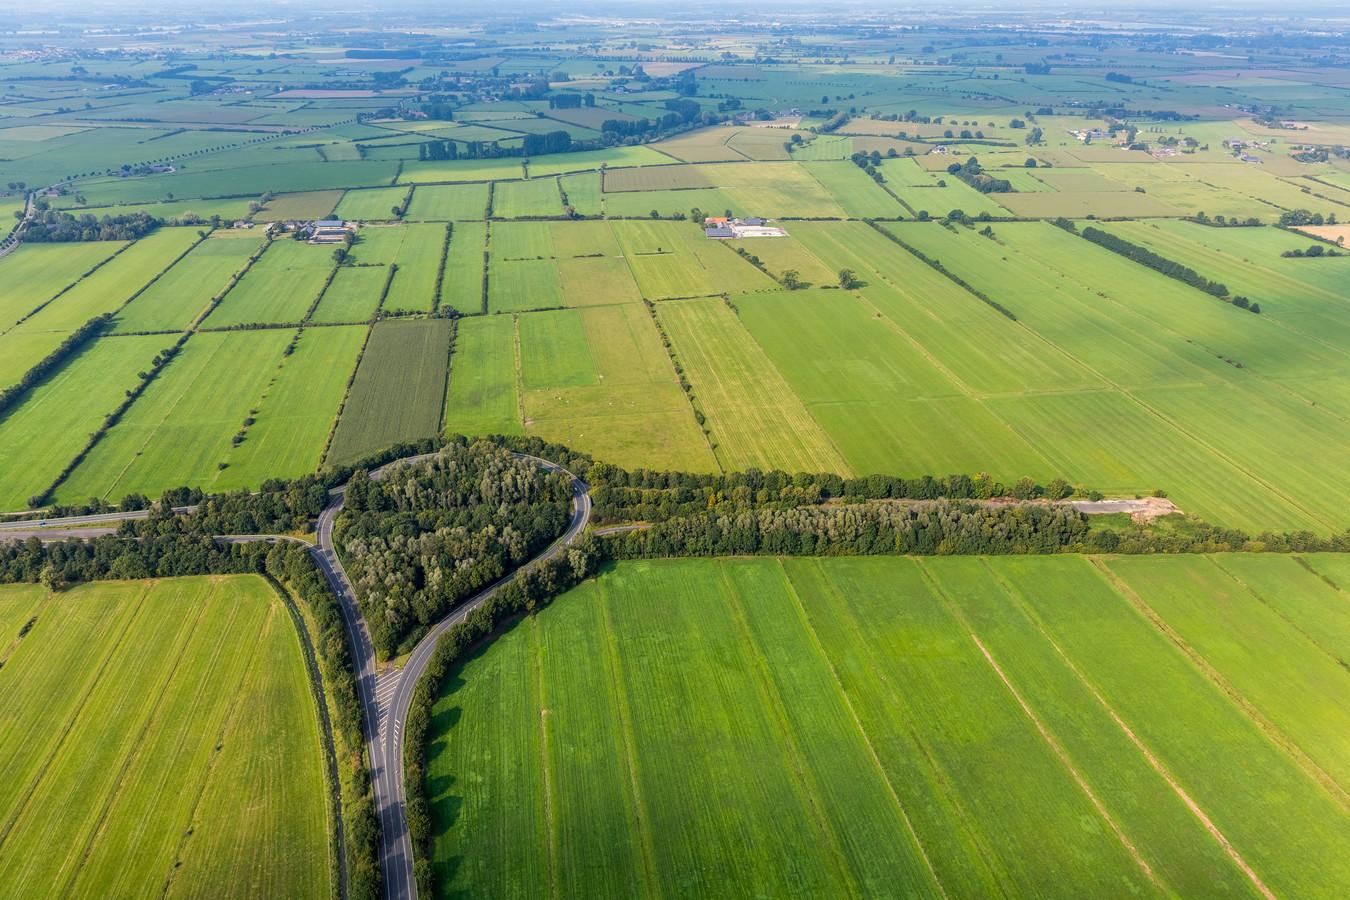 Het 'tennisracket' vanuit de lucht gezien.  Linksaf is richting Nijmegen: rechtsaf loopt midden in het weiland dood.